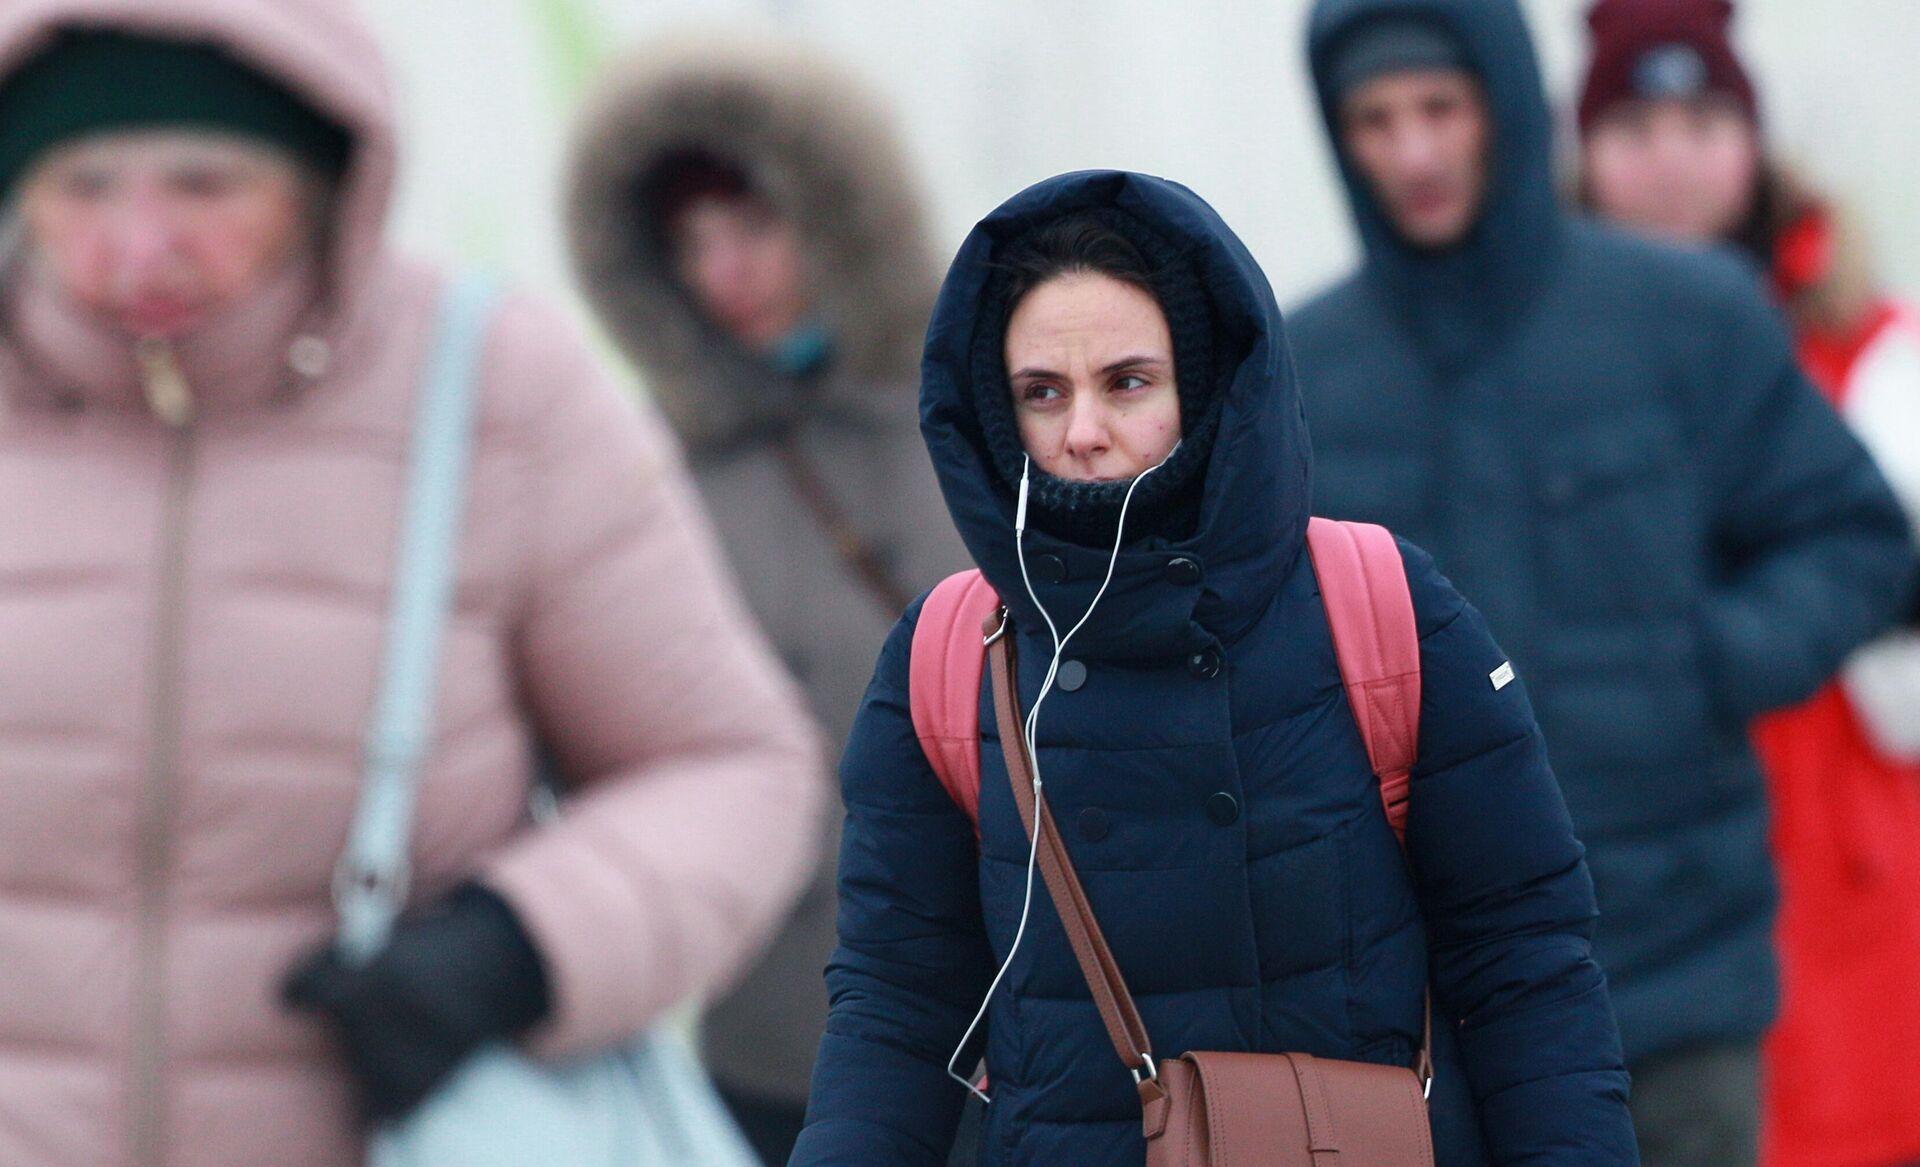 Люди на одной из улиц в Москве - РИА Новости, 1920, 05.04.2021